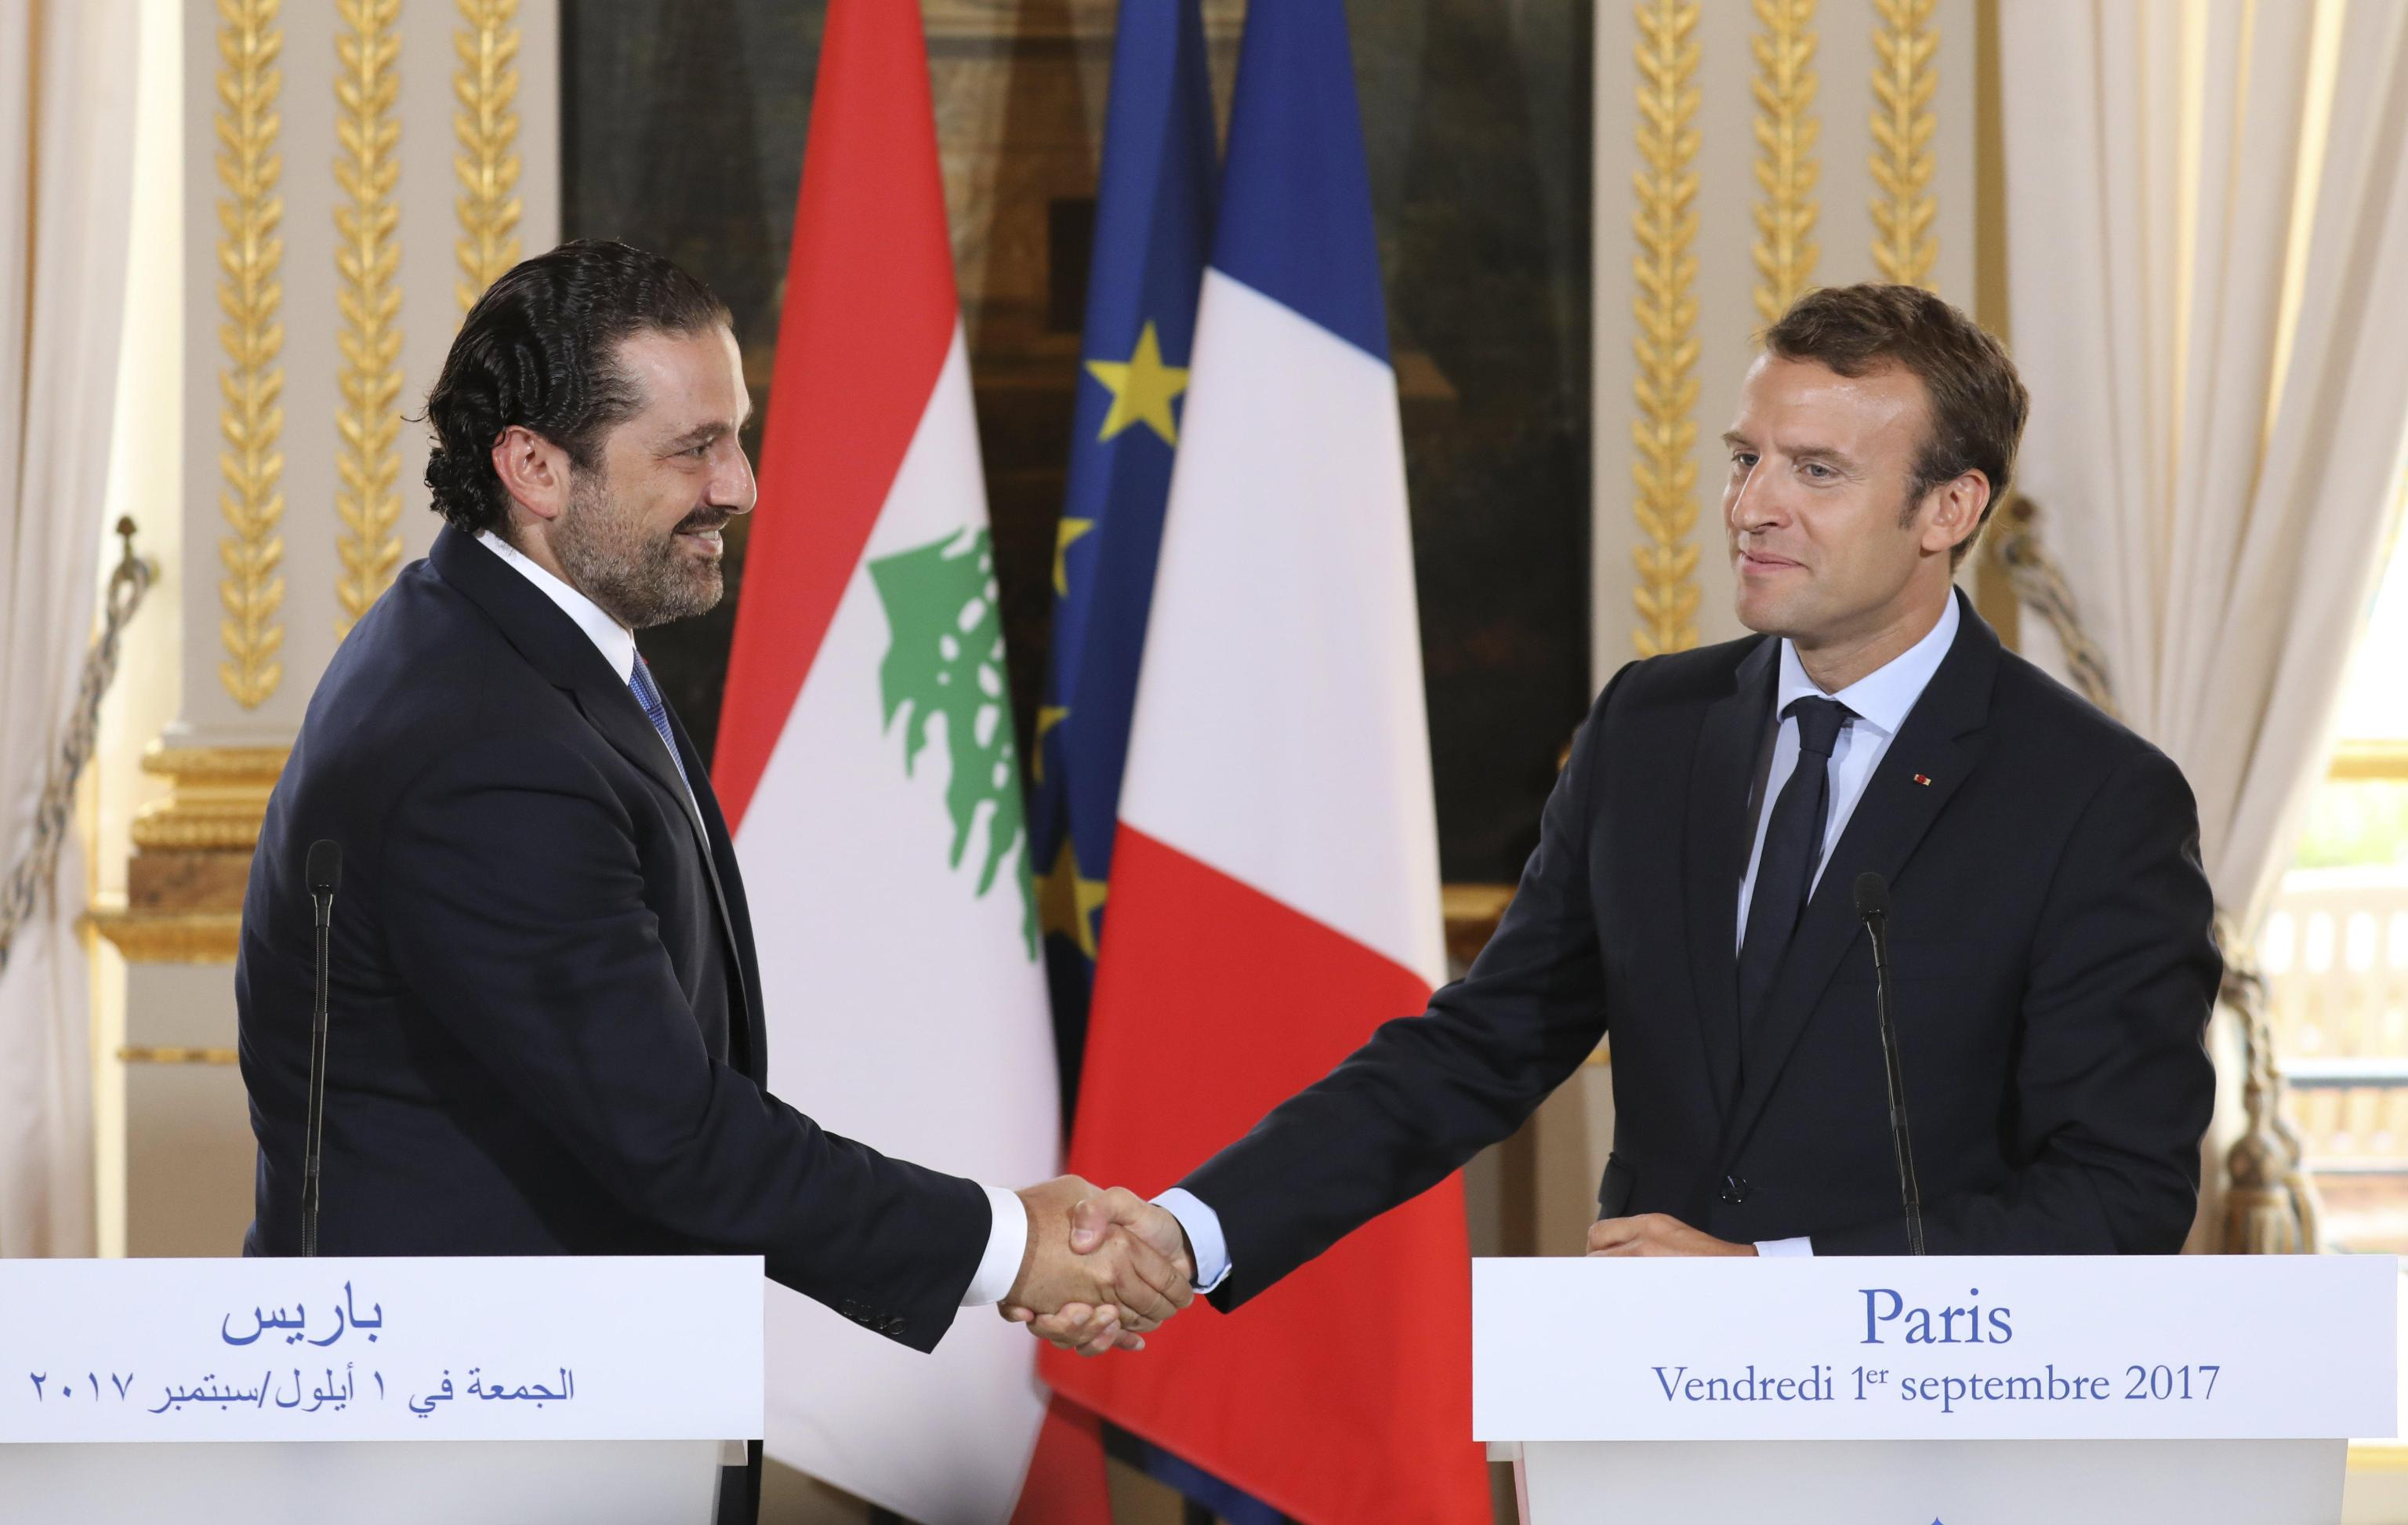 Libano: Hariri a Parigi, poi a Beirut